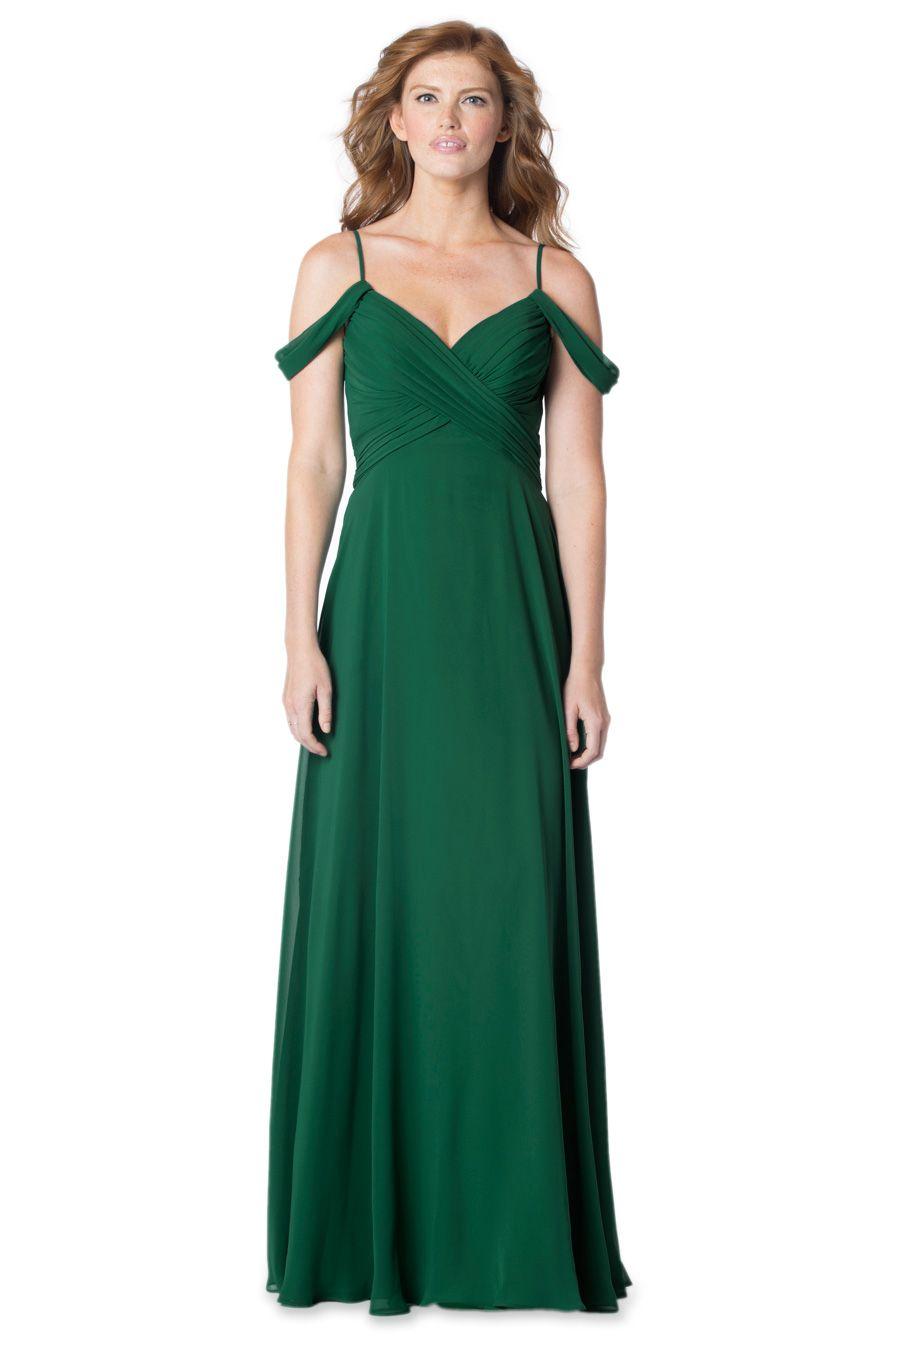 Bridesmaid Dress Available at Ella Park Bridal | Newburgh, IN | 812.853.1800 | Bari Jay -  1625